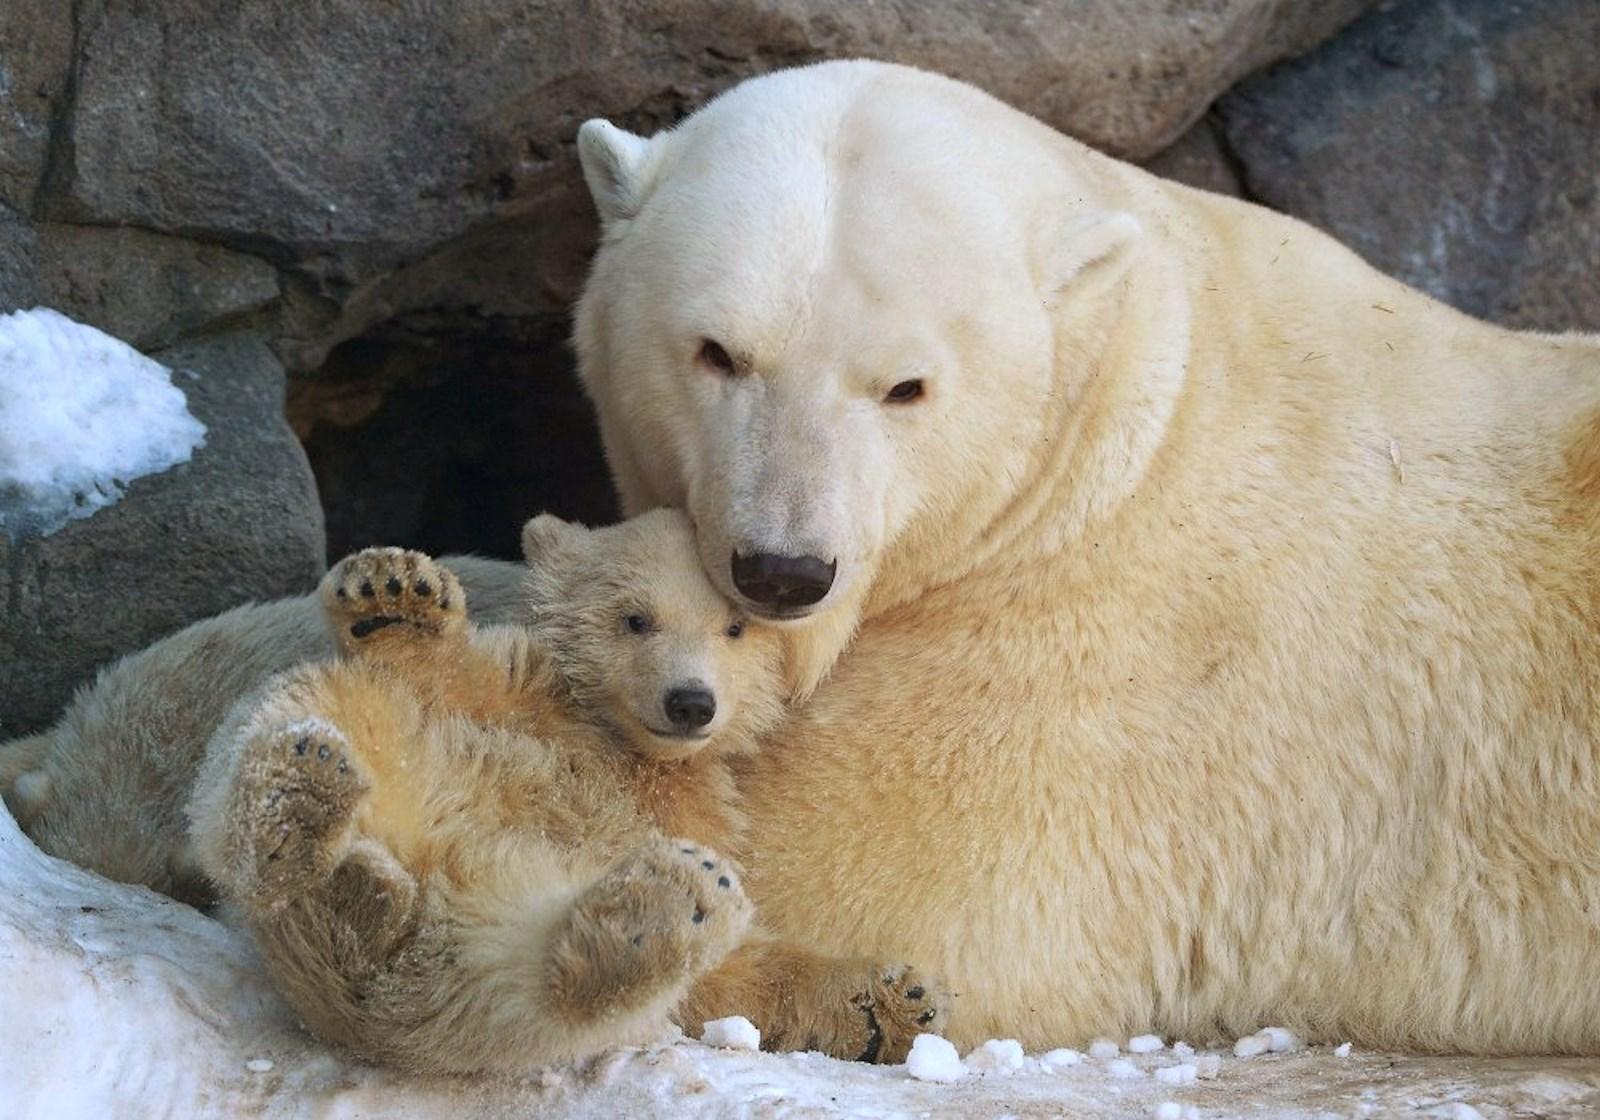 00 Polar bear cubs. Moscow Zoopark 05. Russia. 26.02.15